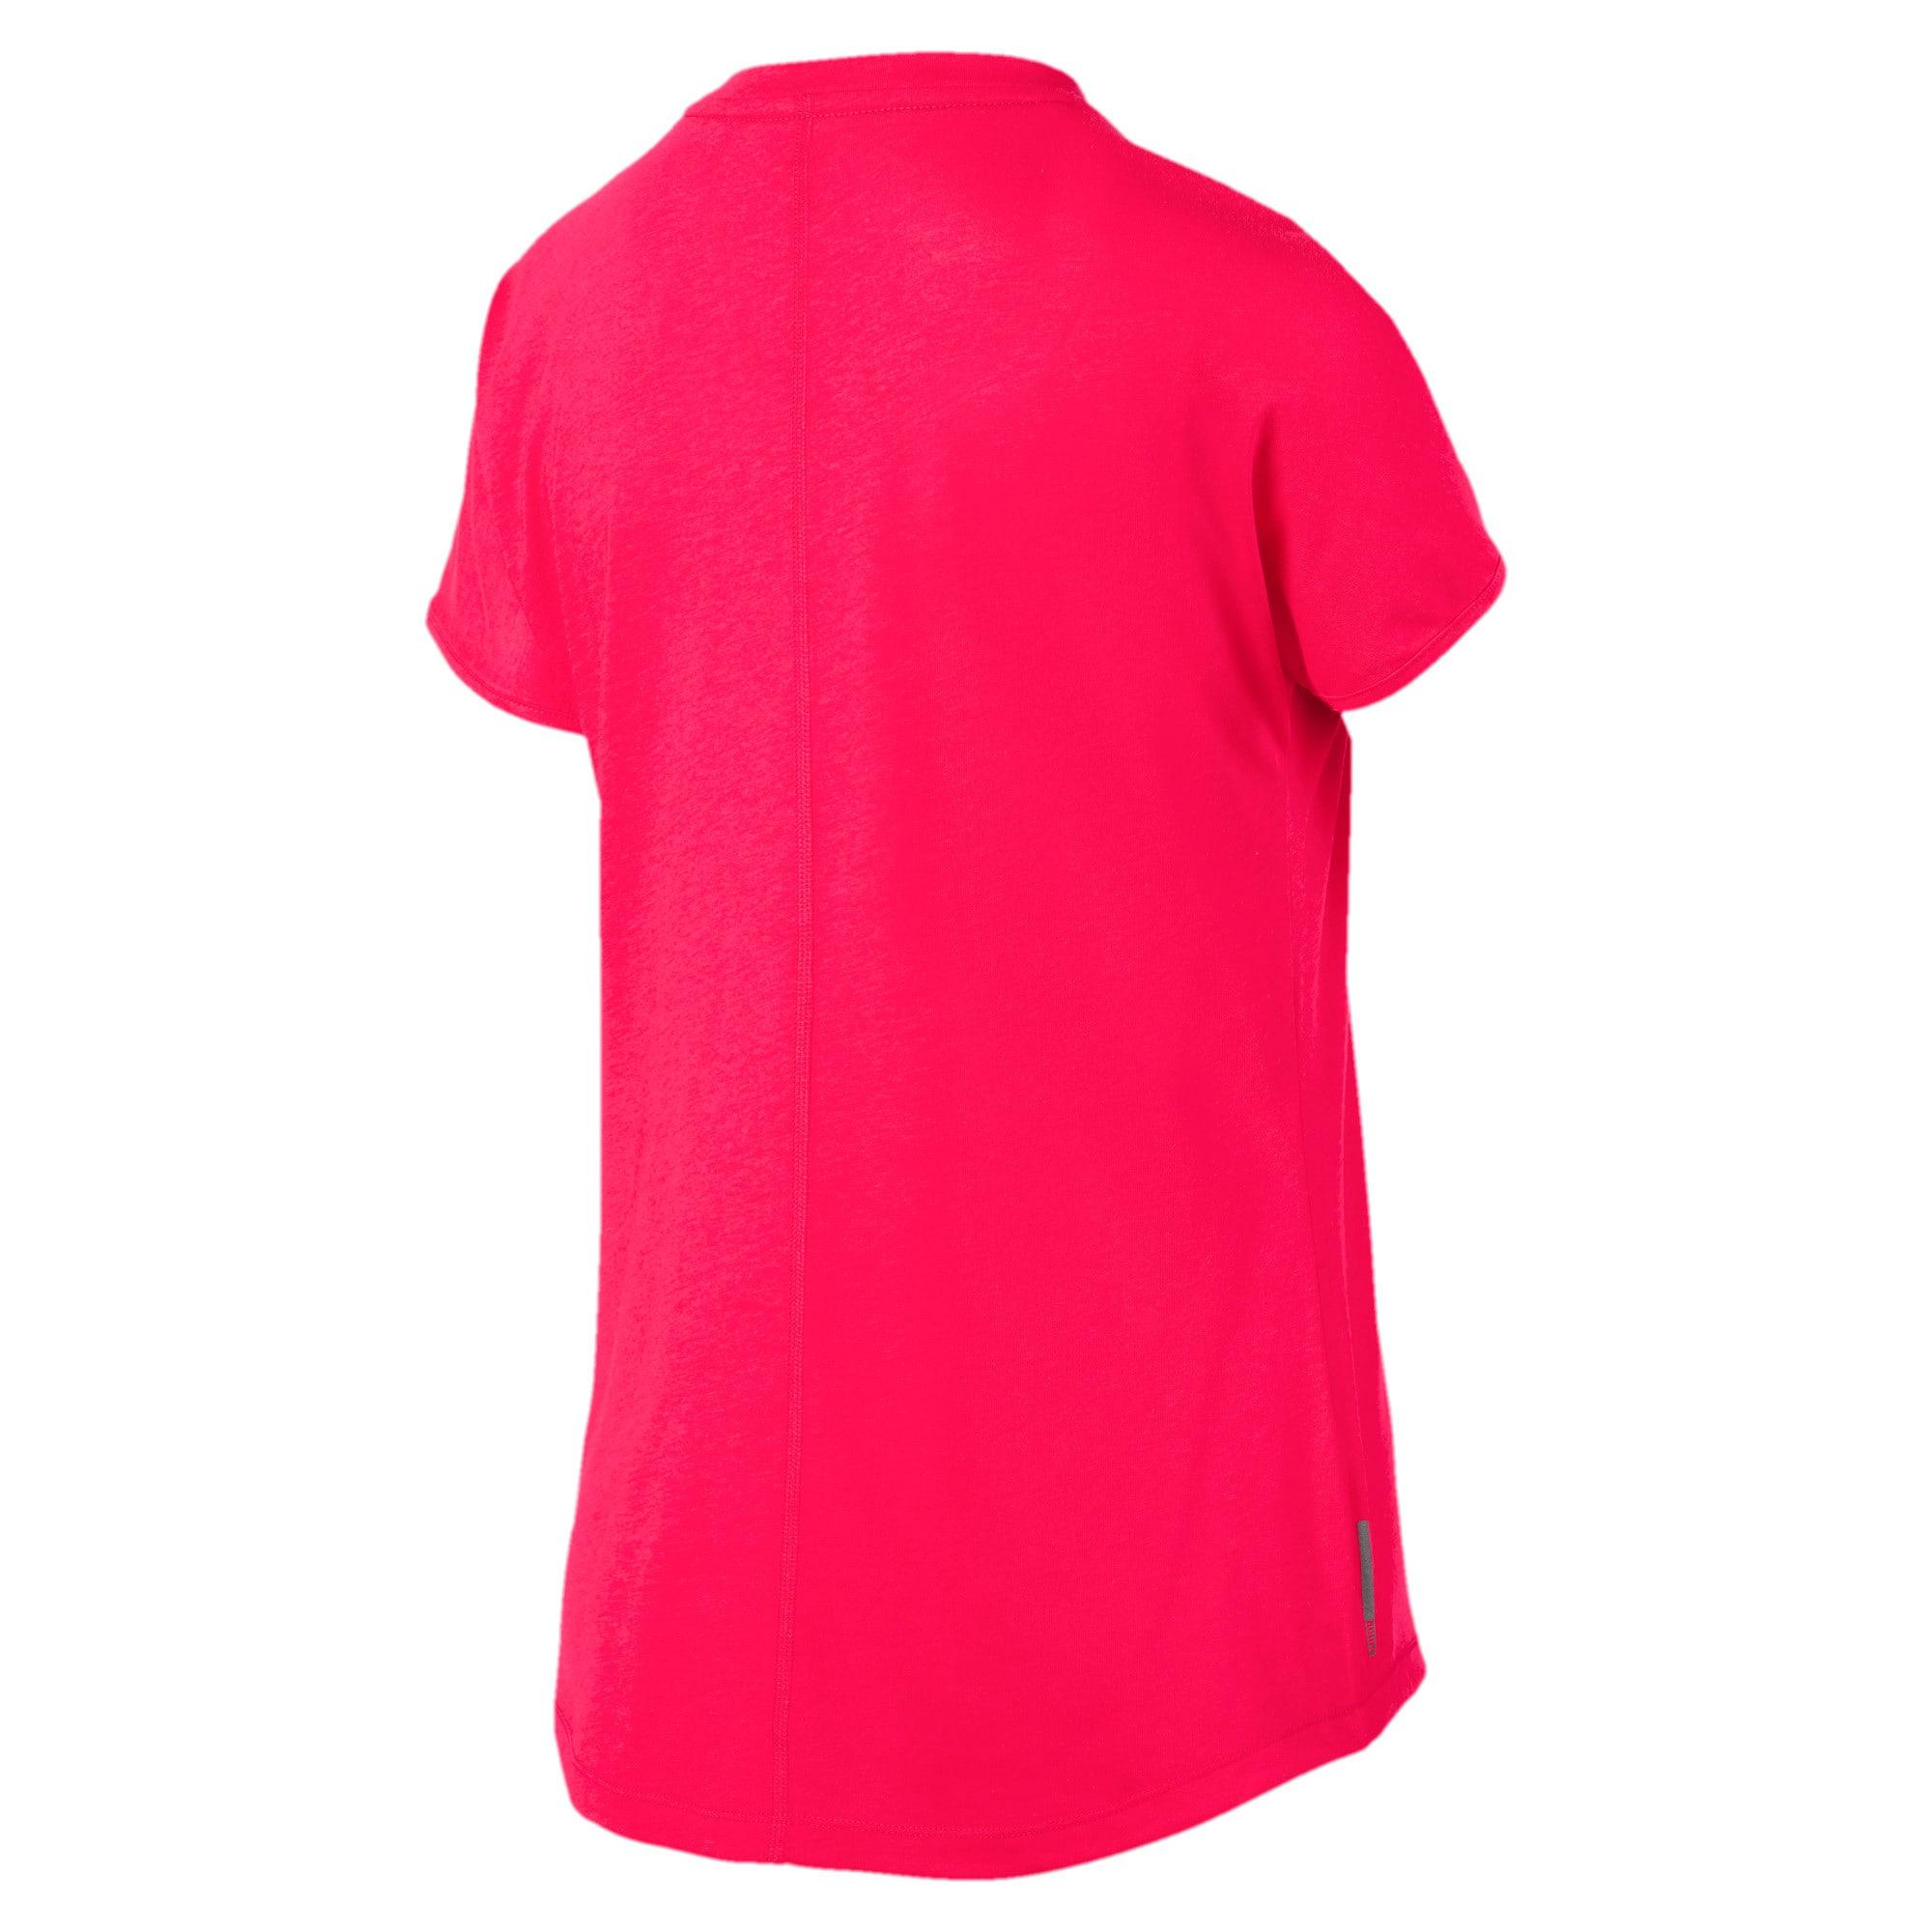 Thumbnail 5 of FAVORITE キャット SS ウィメンズ トレーニング Tシャツ 半袖, Nrgy Rose, medium-JPN